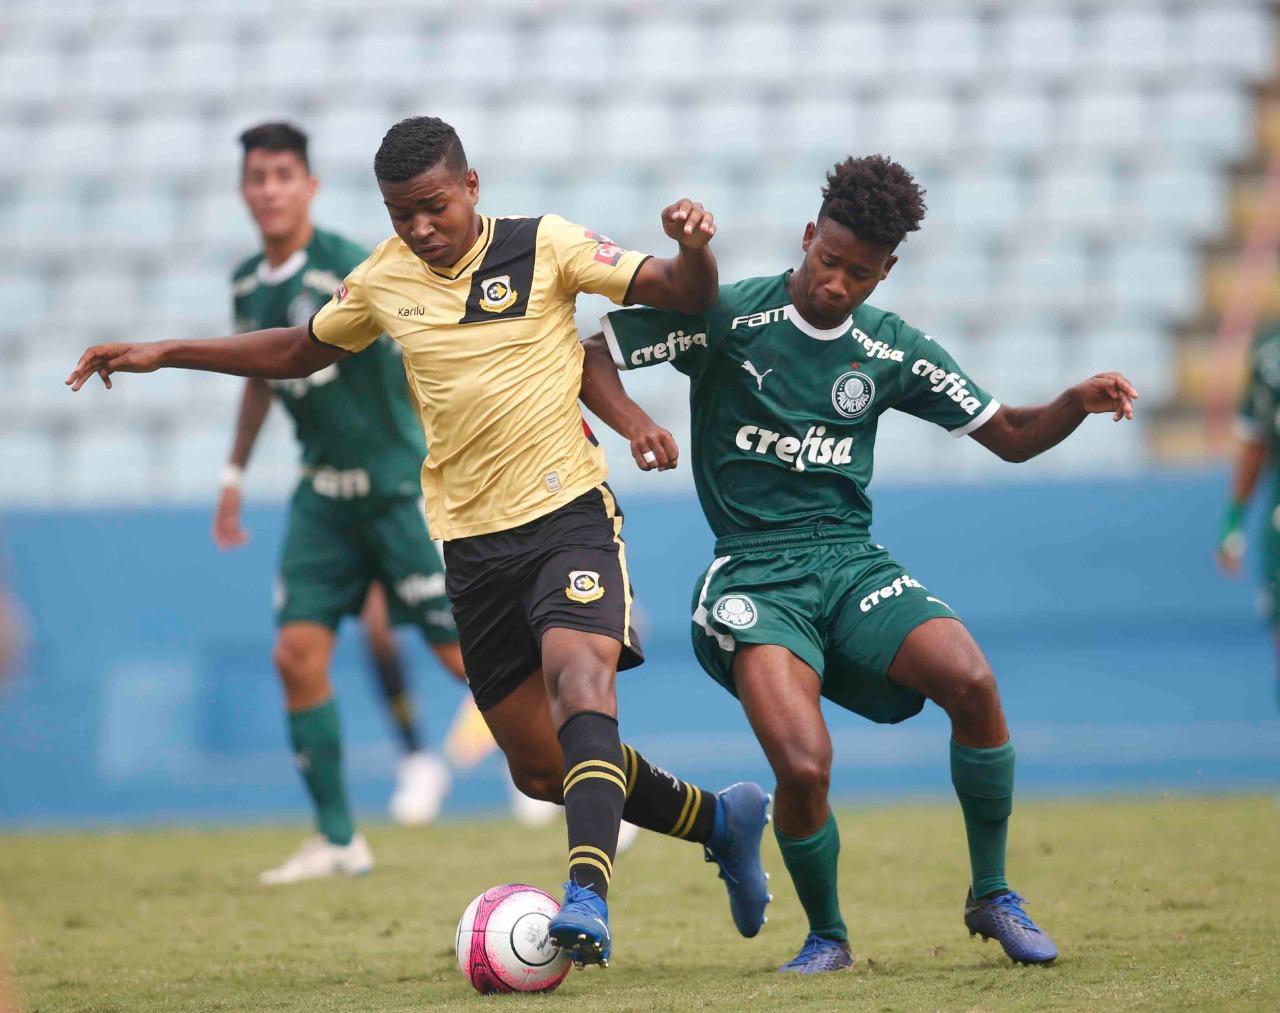 Fernando Roberto/Agência Futpress_O Verdão goleou o São Bernardo FC na 4ª rodada